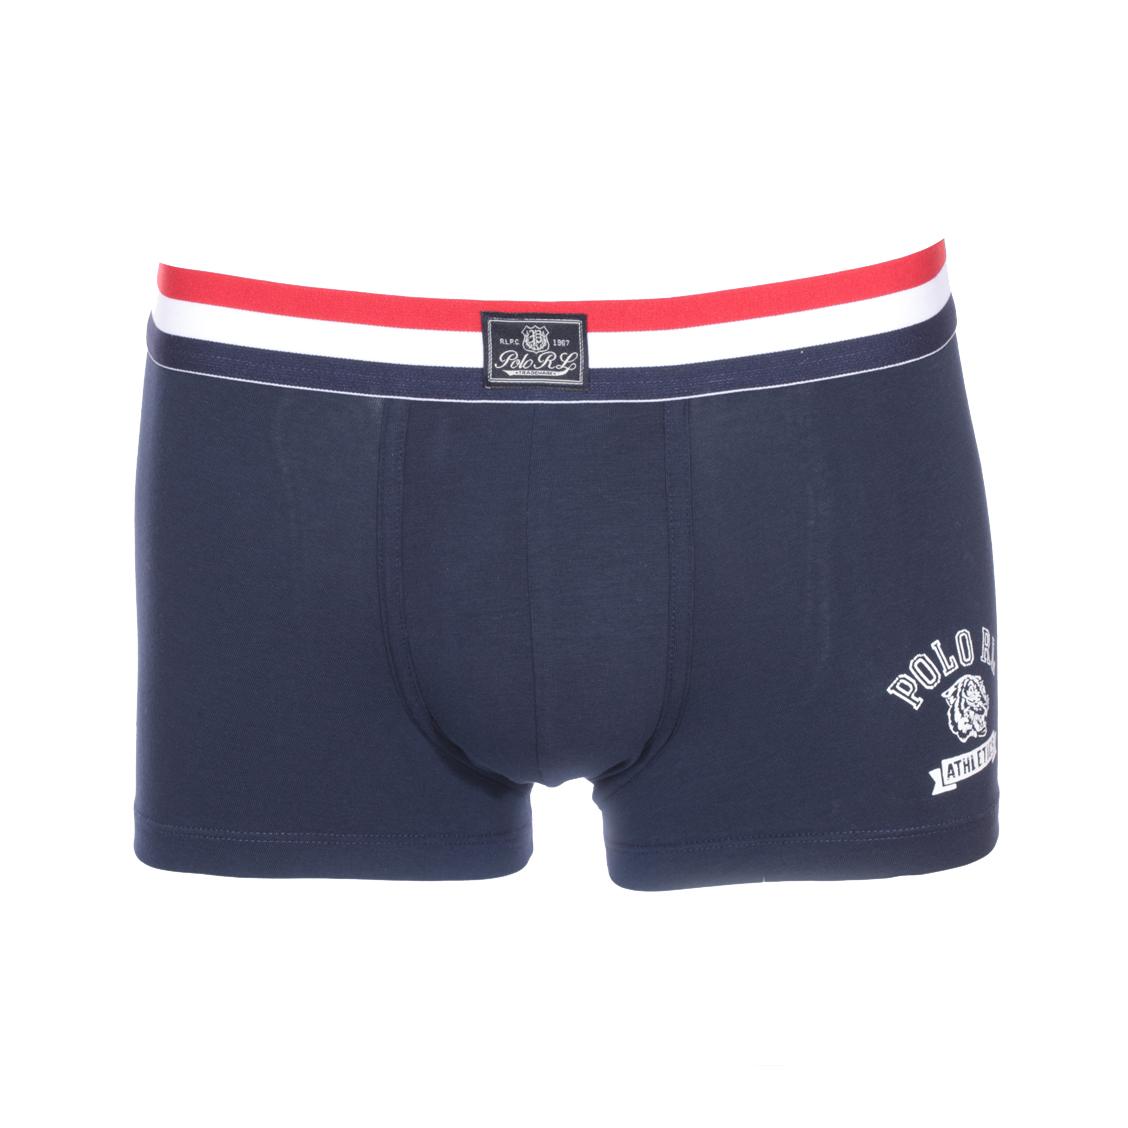 Boxer  en coton stretch bleu marine et ceinture tricolore